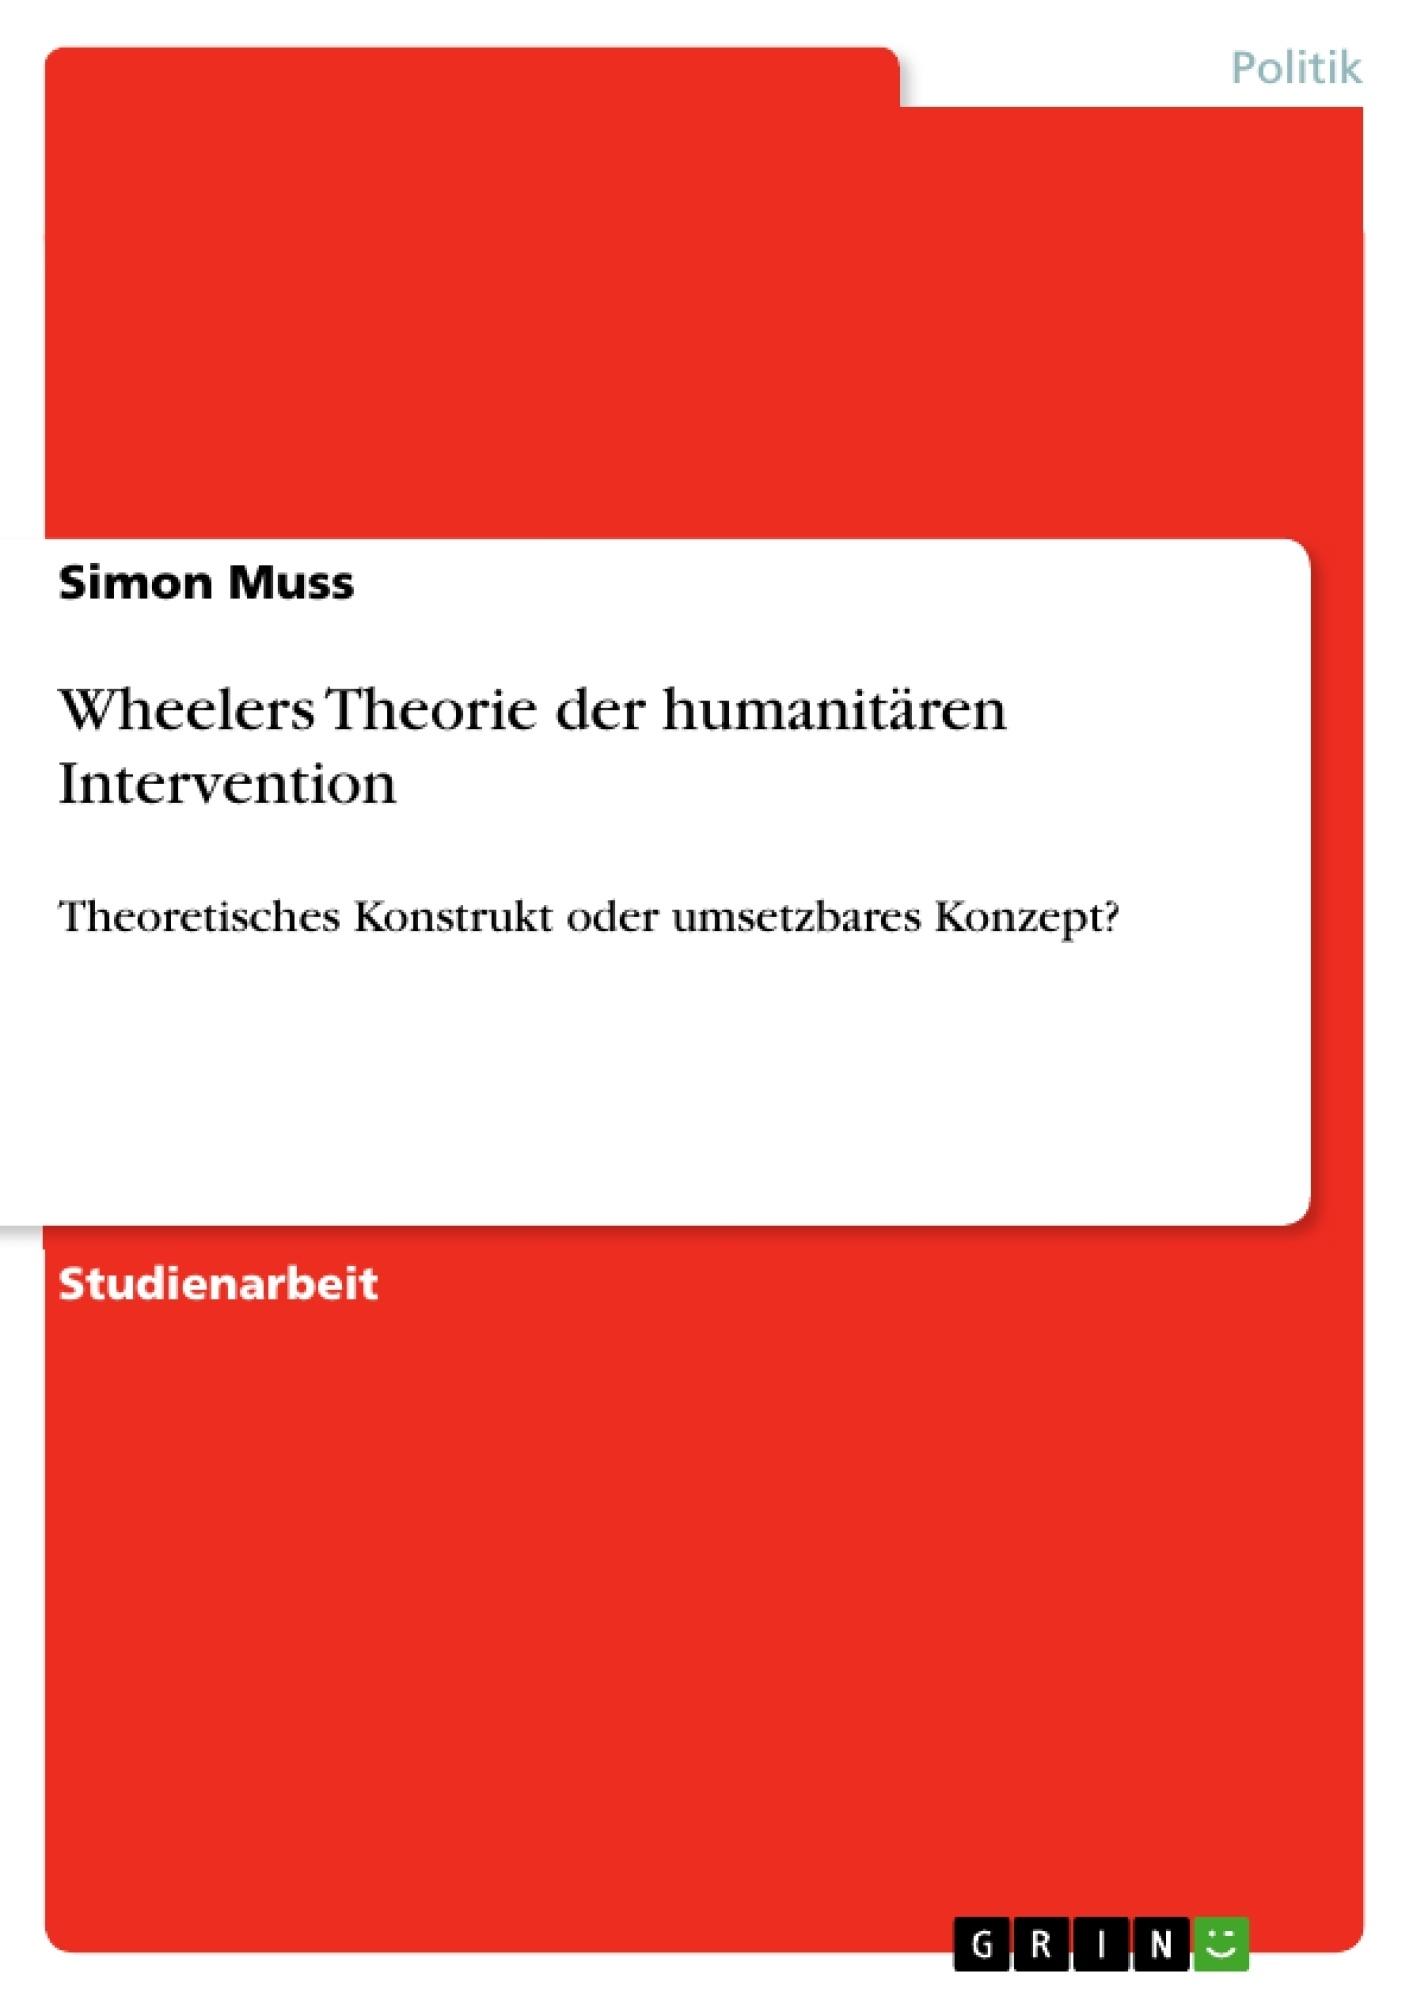 Titel: Wheelers Theorie der humanitären Intervention